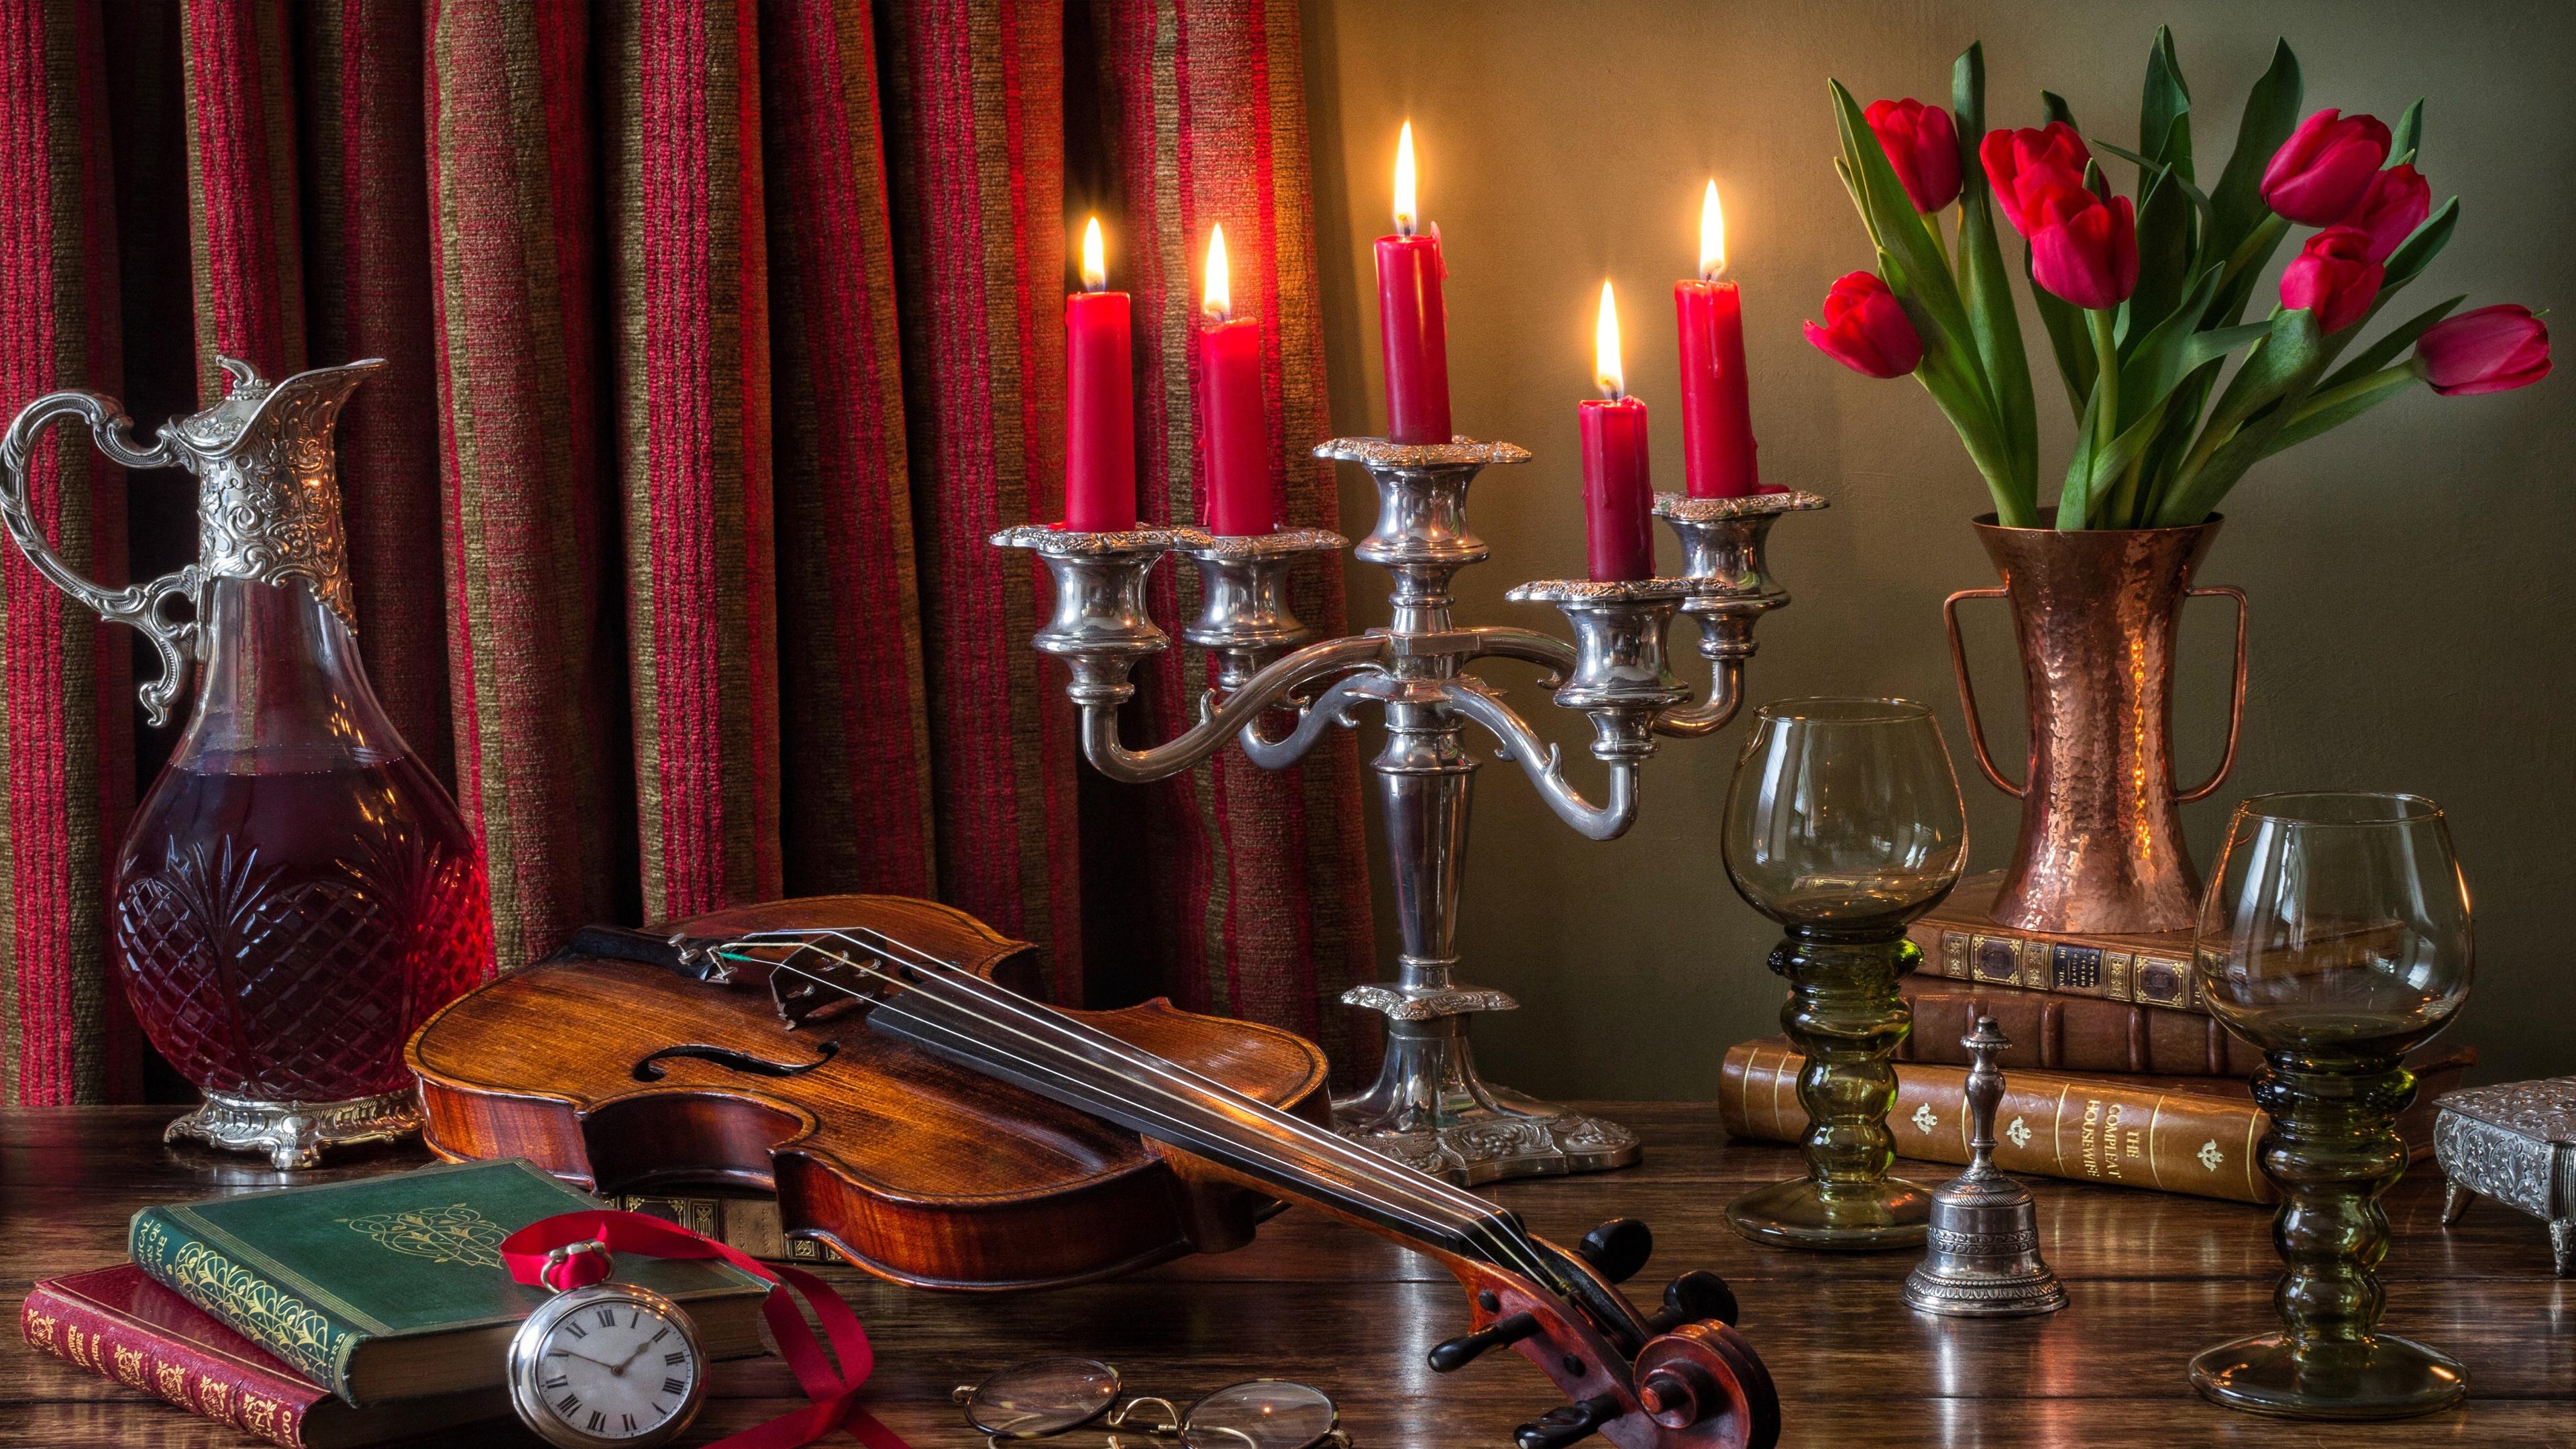 Violin still life photography wallpaper